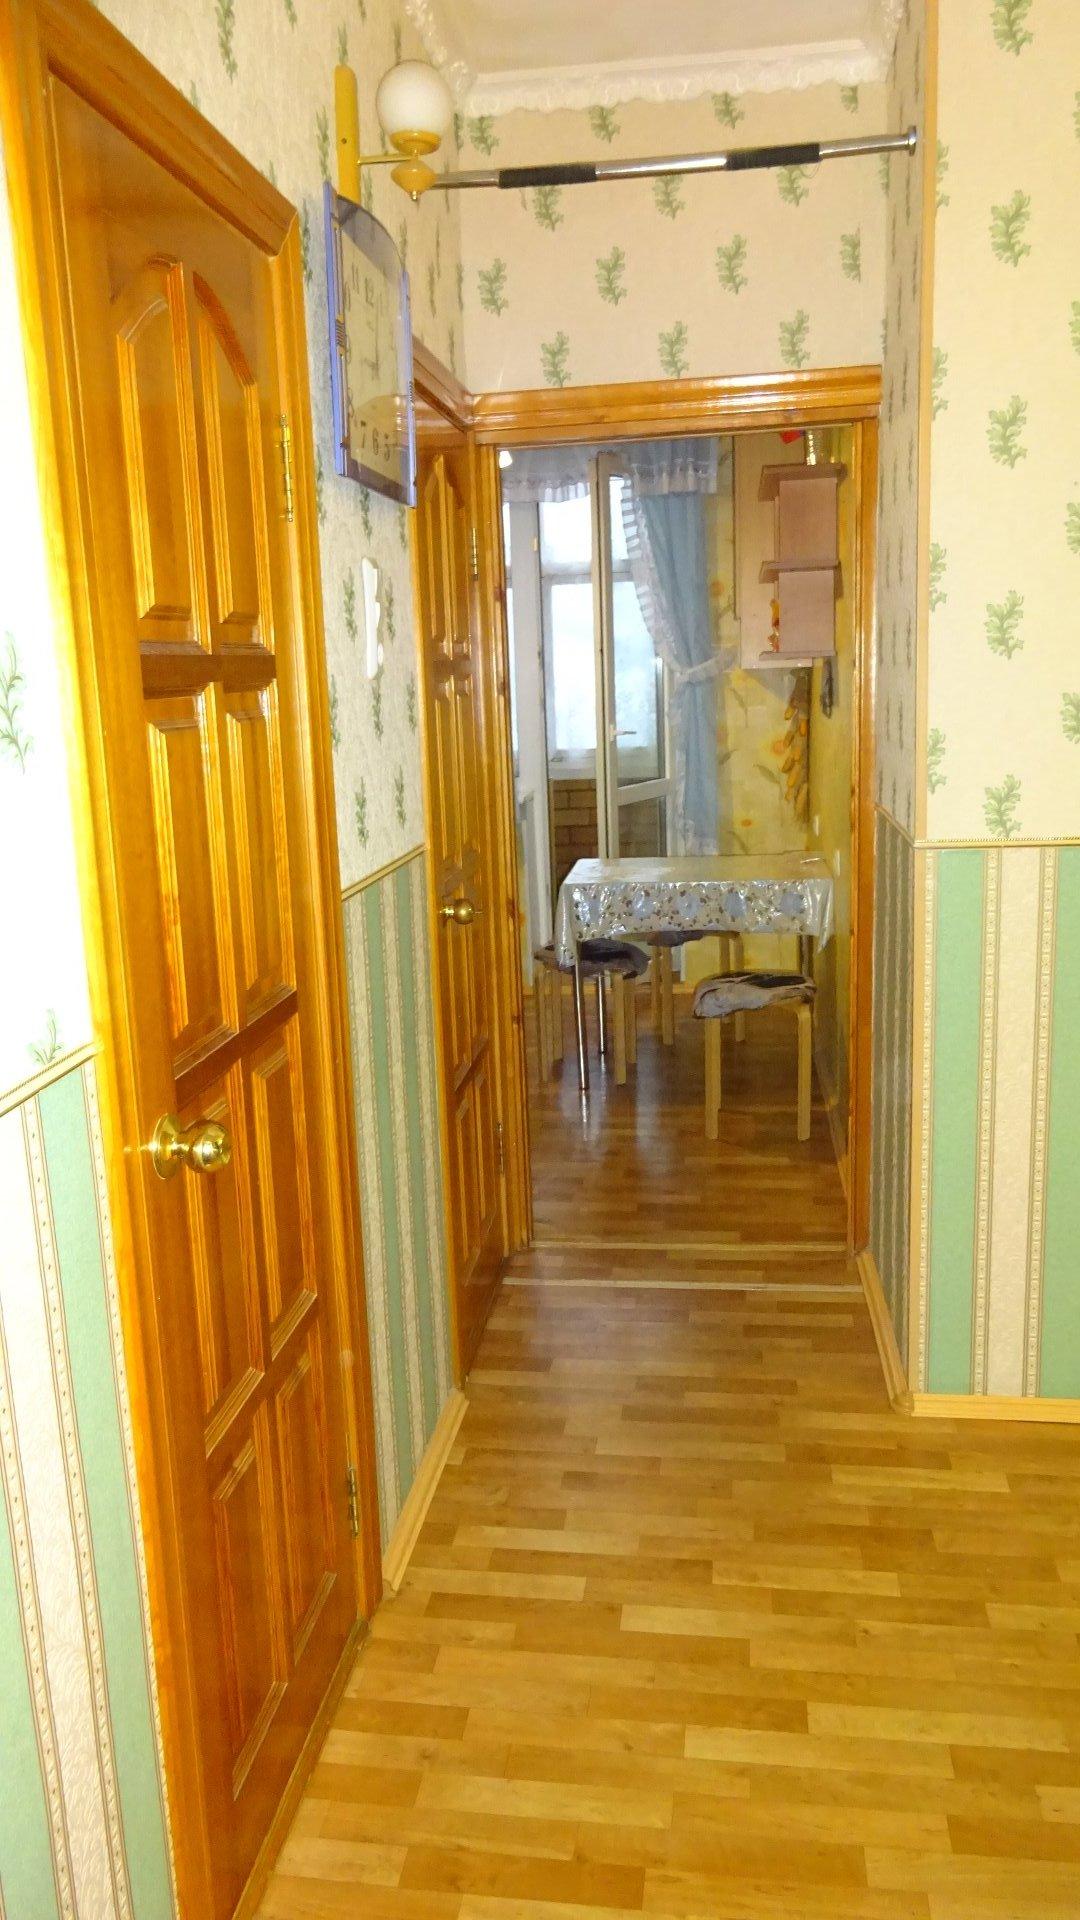 http://mielsever.3an.ru/files/1572582528_DSC05185.jpg